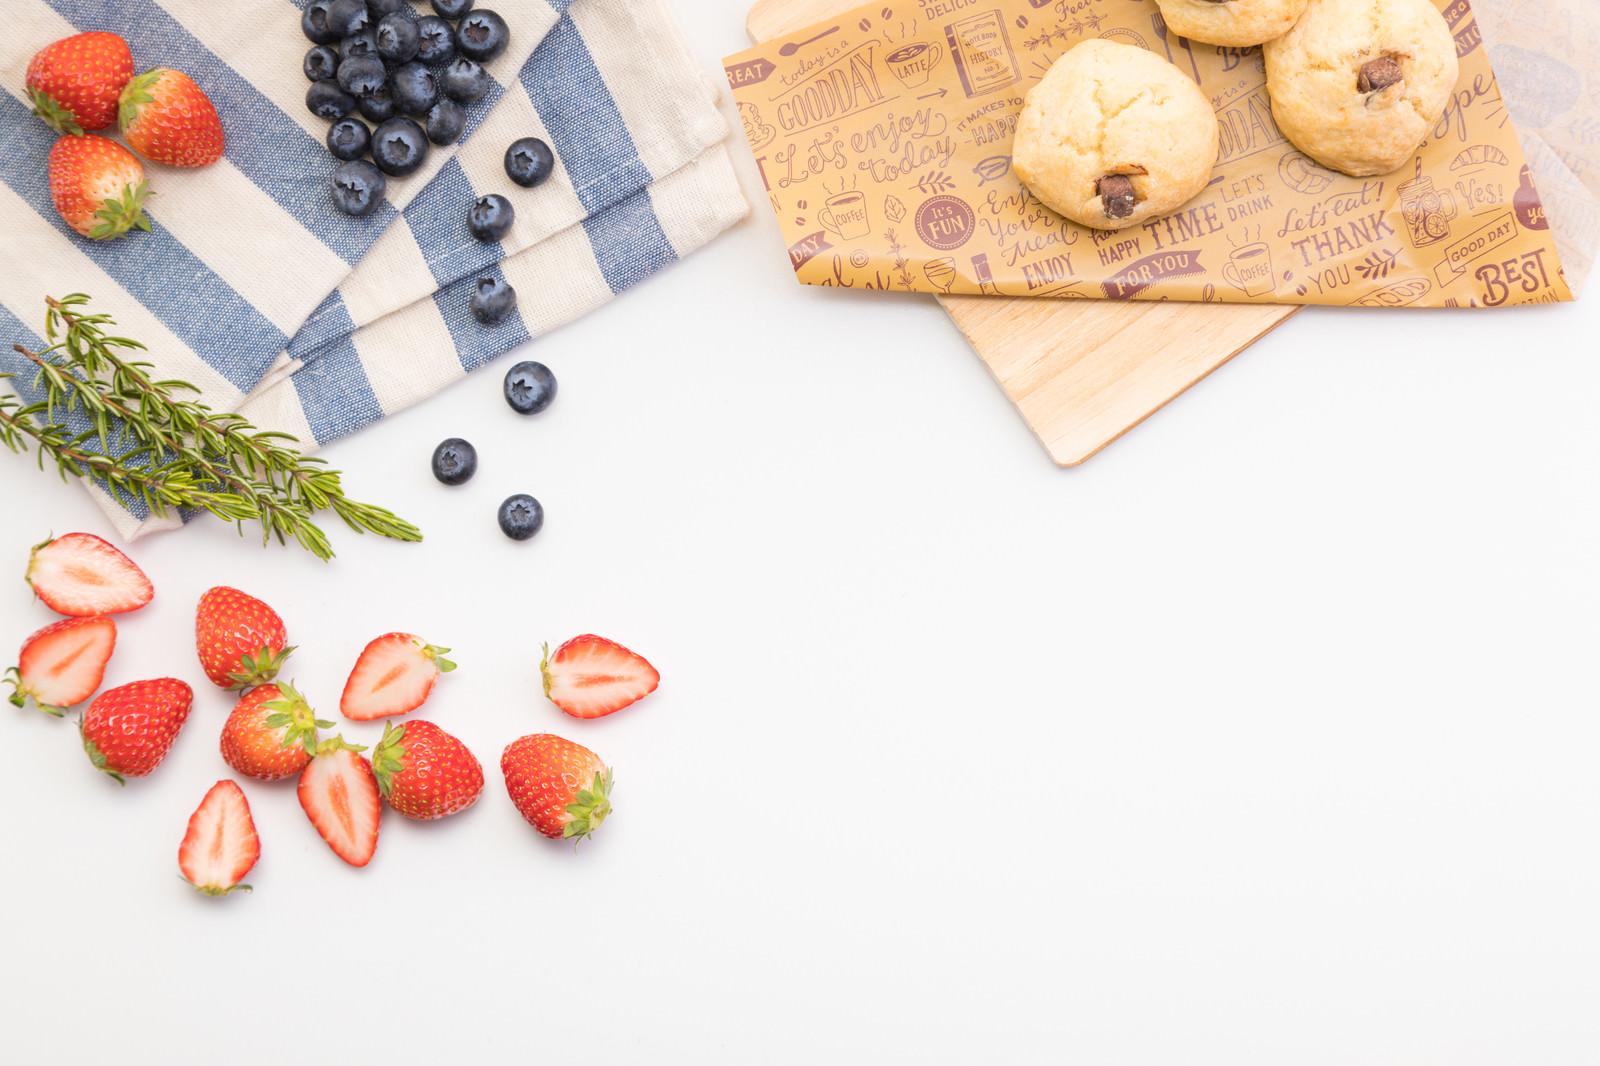 「デザート用のフルーツとクッキー」の写真